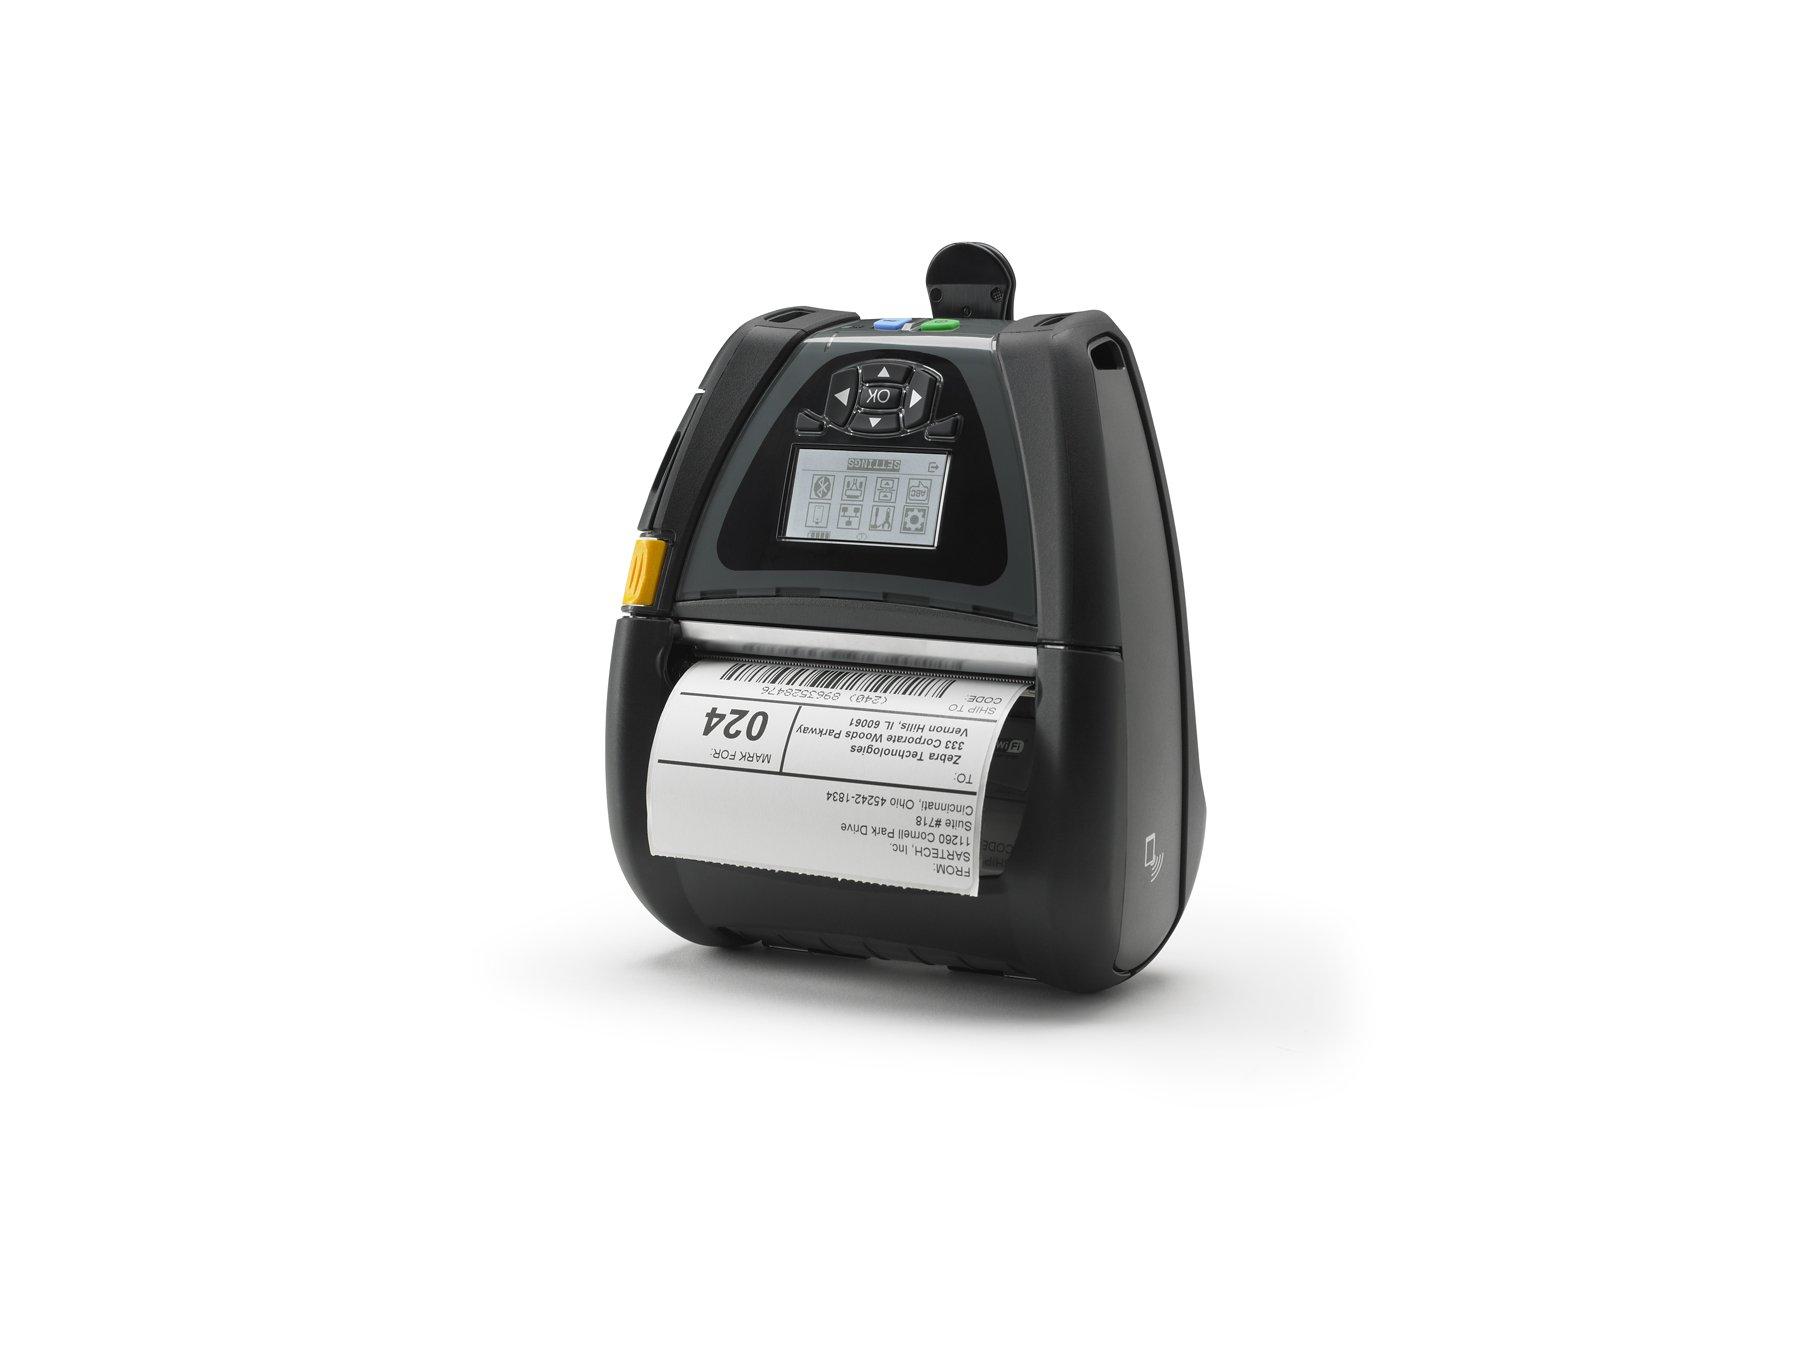 Zebra Technologies QN4-AUNA0M00-00 Mobile Printer, QLn 420 Series, USB, 4'' Print Width, 7.35'' x 6.5'' x 3.25'' Size